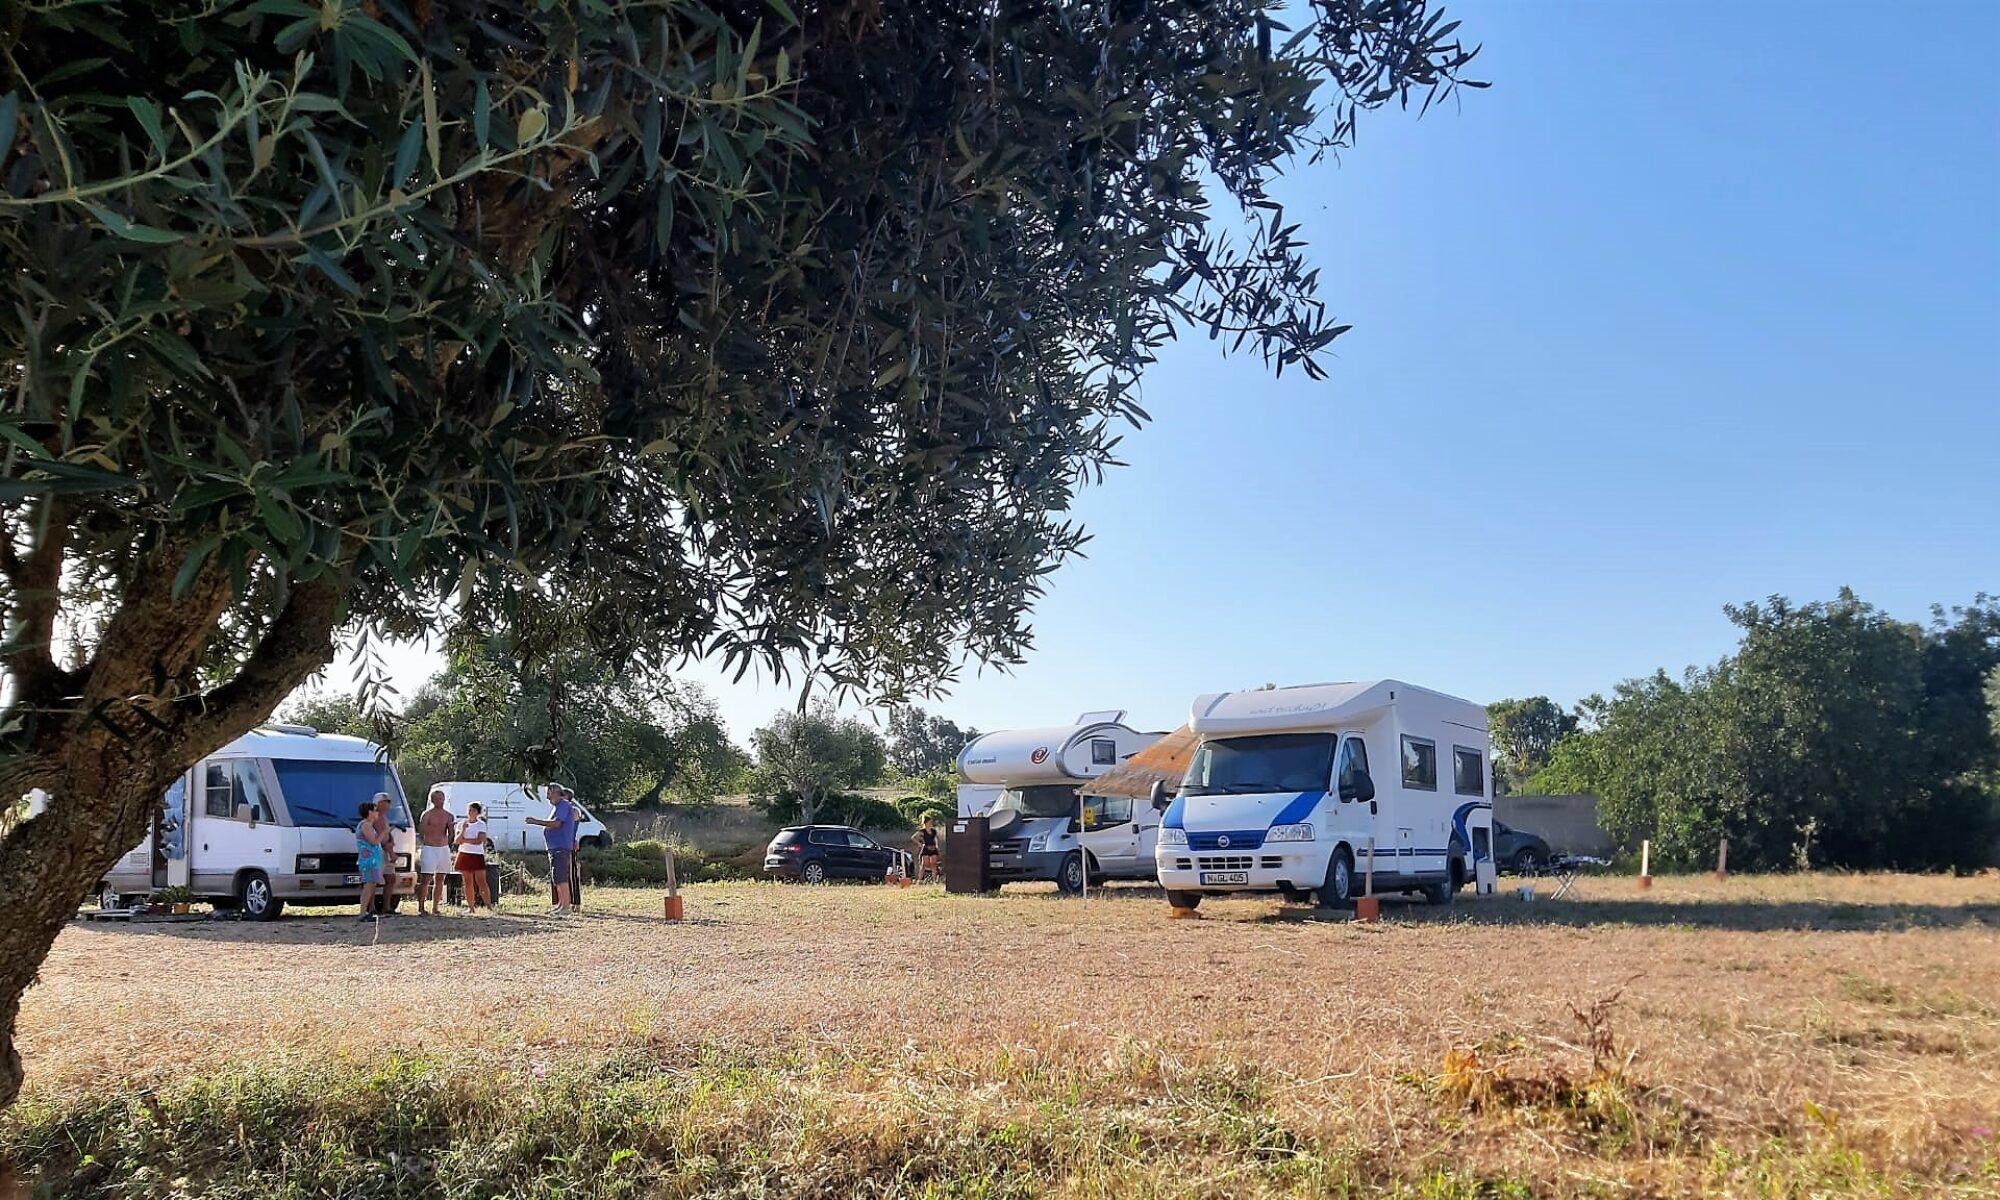 AlgarvecampingcarPark